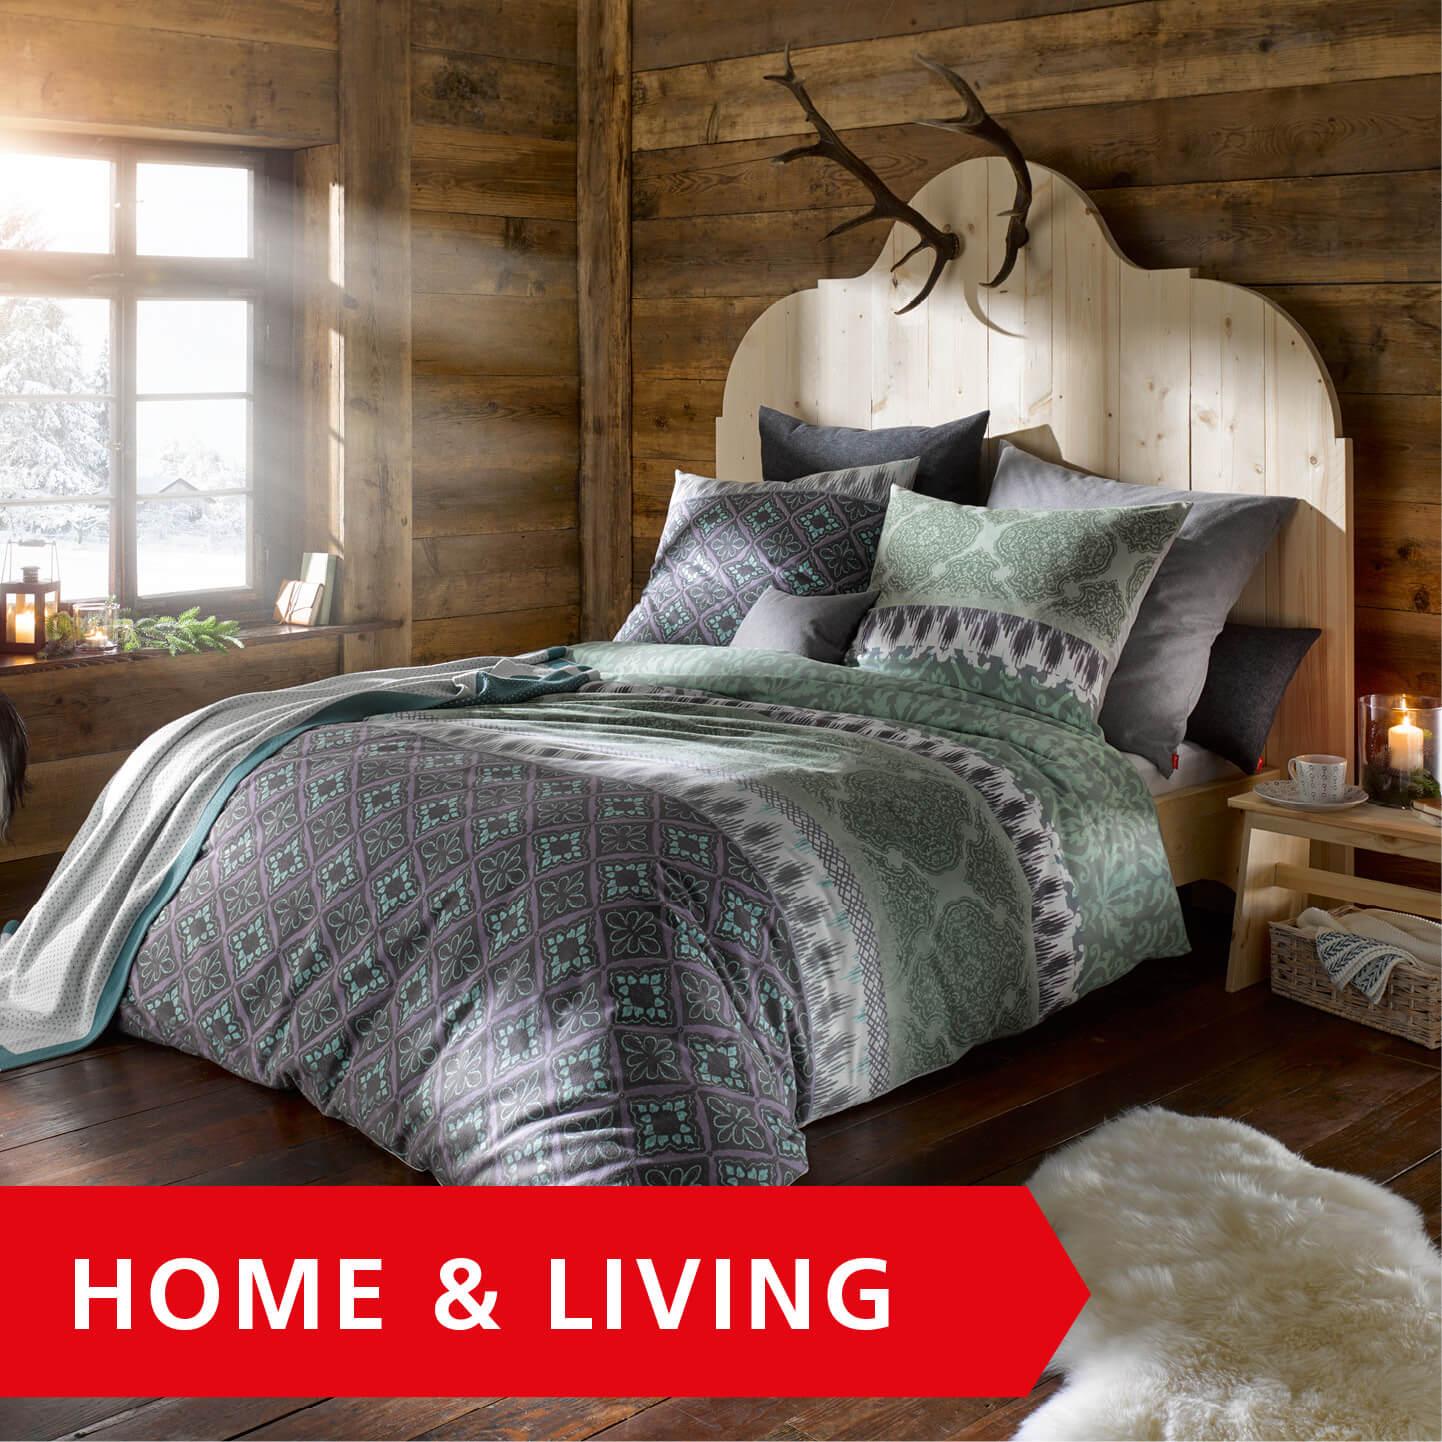 Home & Living - Textiles pour le bien-être